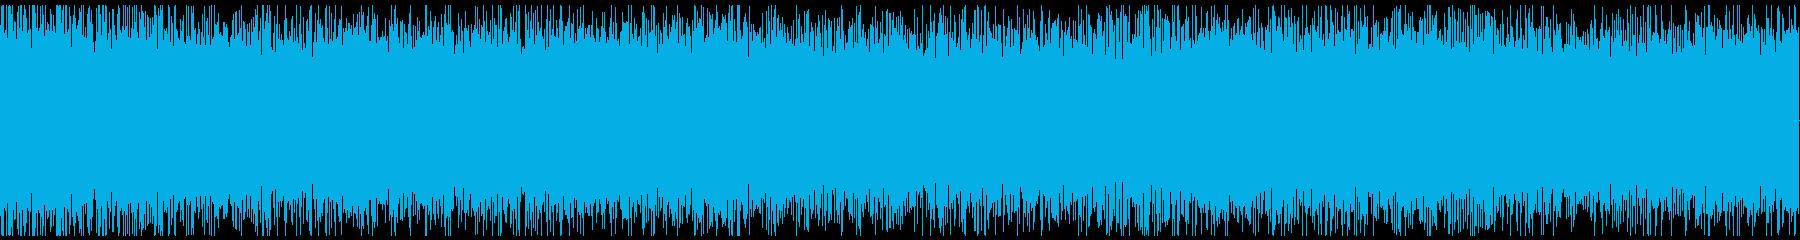 新幹線の中の喧騒の環境音です。の再生済みの波形